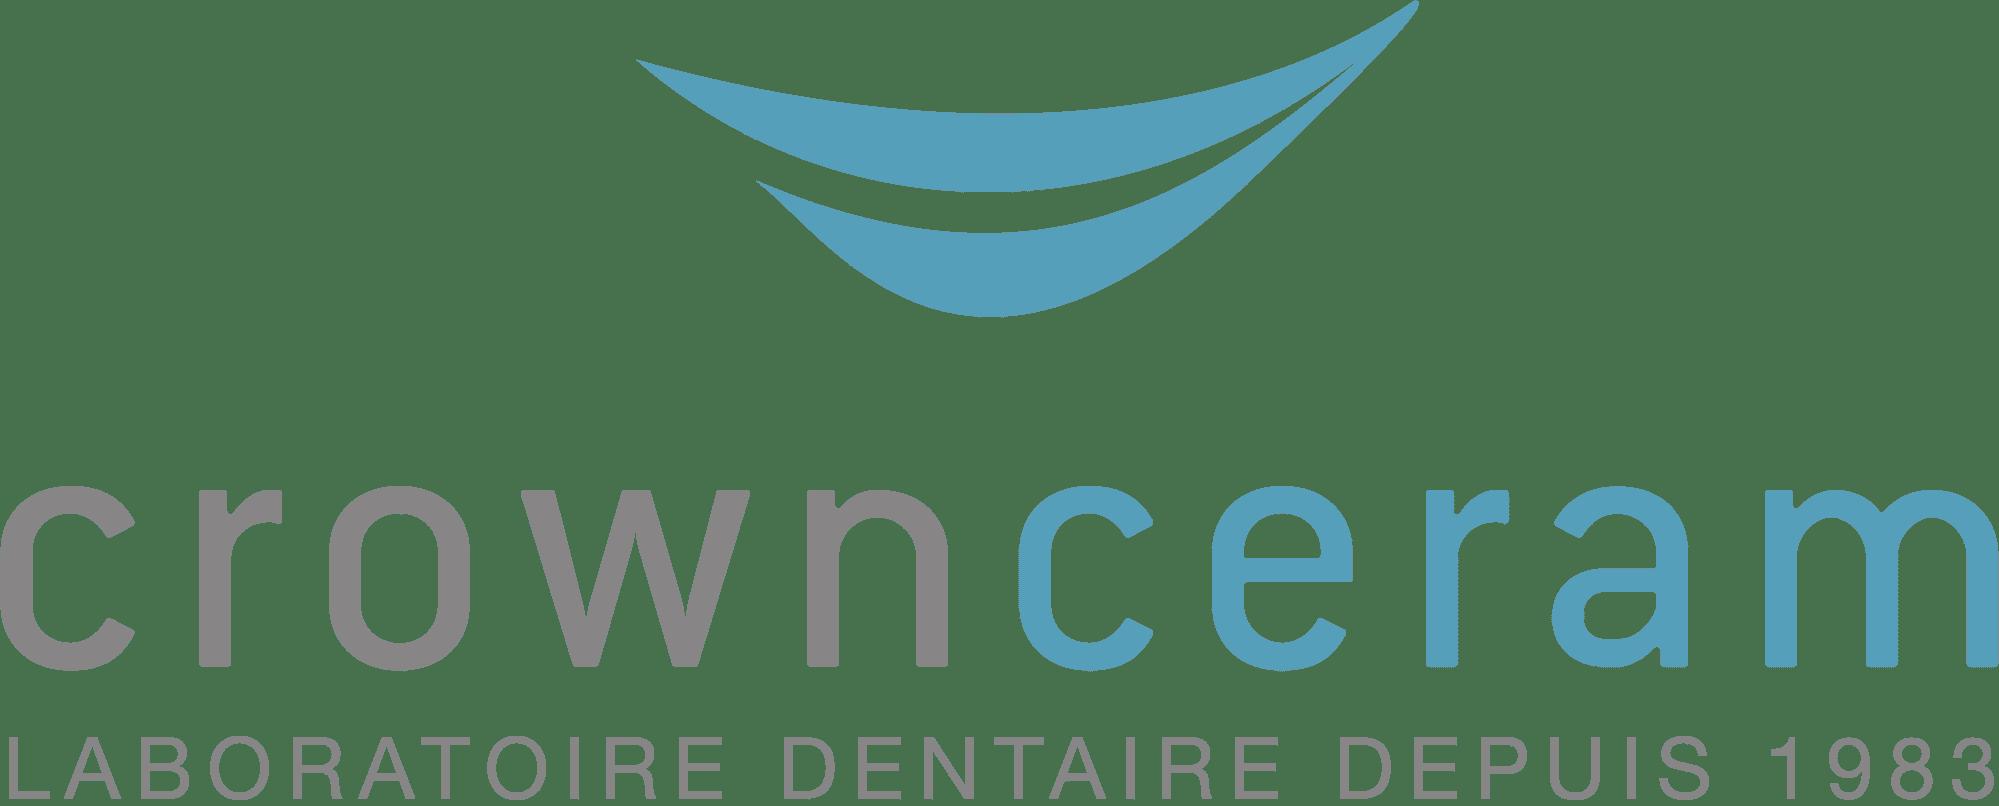 Laboratoire de prothèses dentaires Crown Ceram